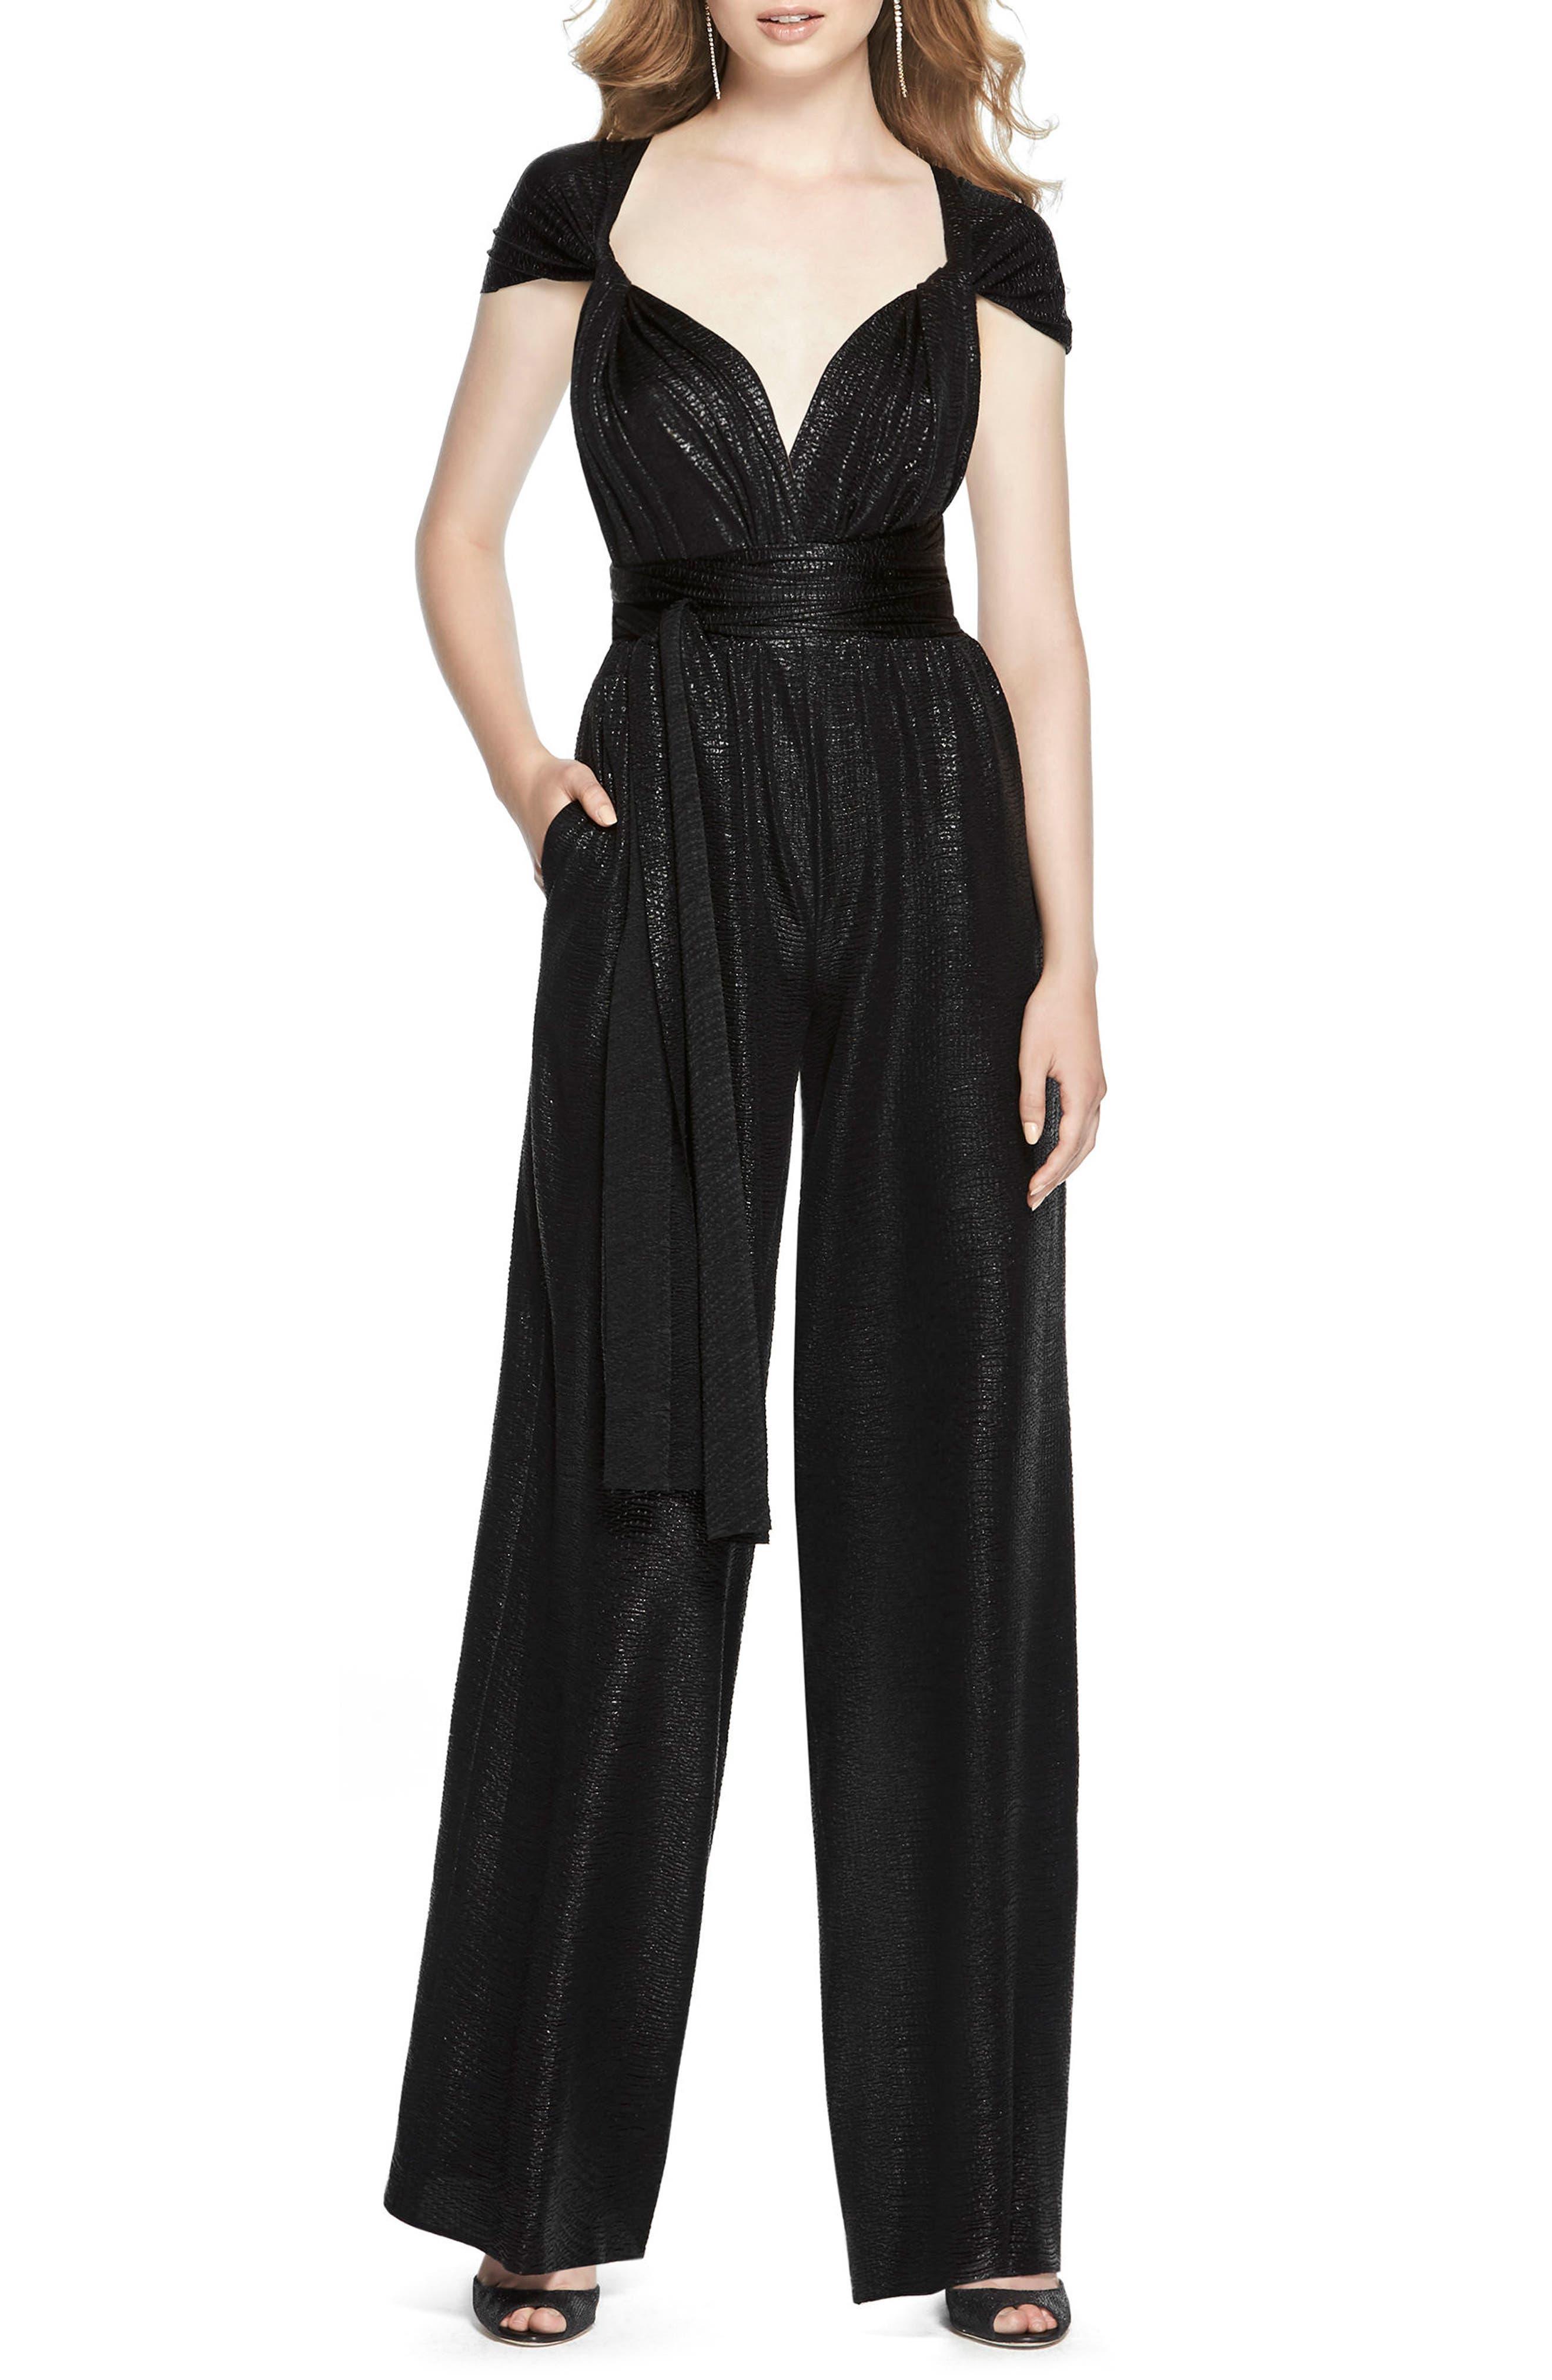 DESSY COLLECTION, Twist Convertible Wide Leg Jumpsuit, Main thumbnail 1, color, BLACK